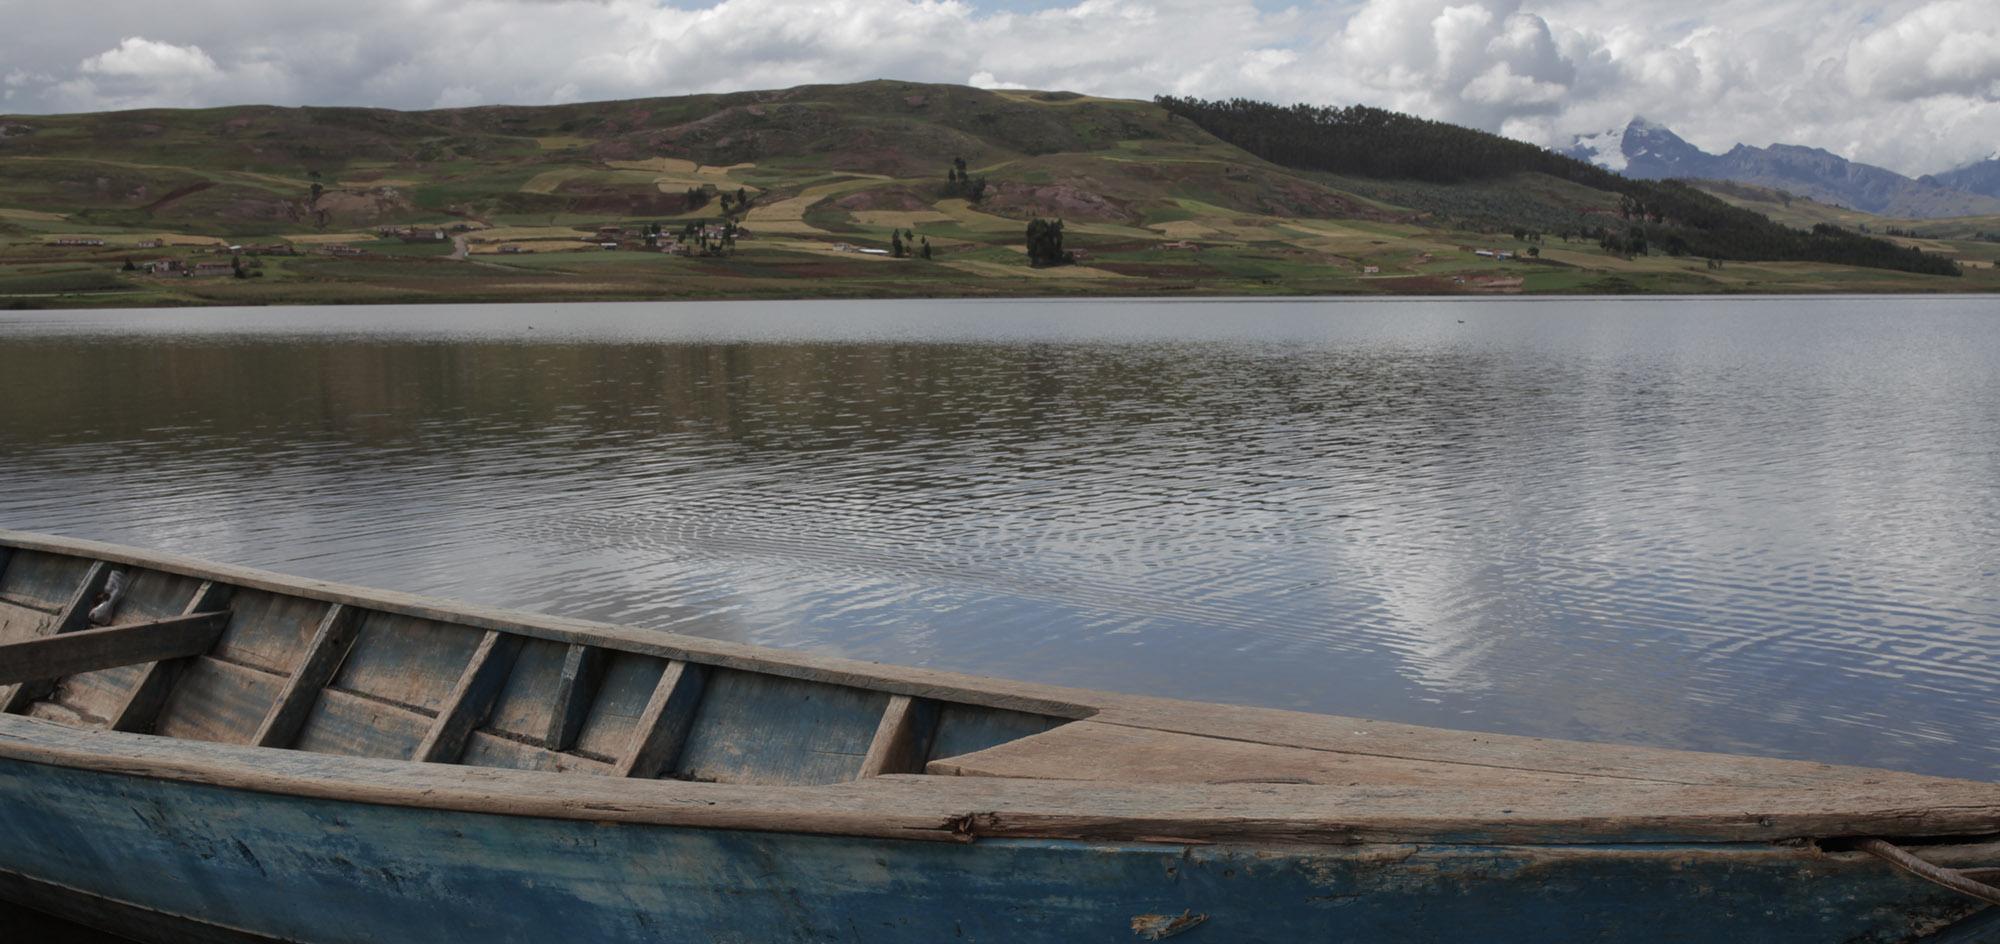 Pesca artesanal en la comunidad de Chacán